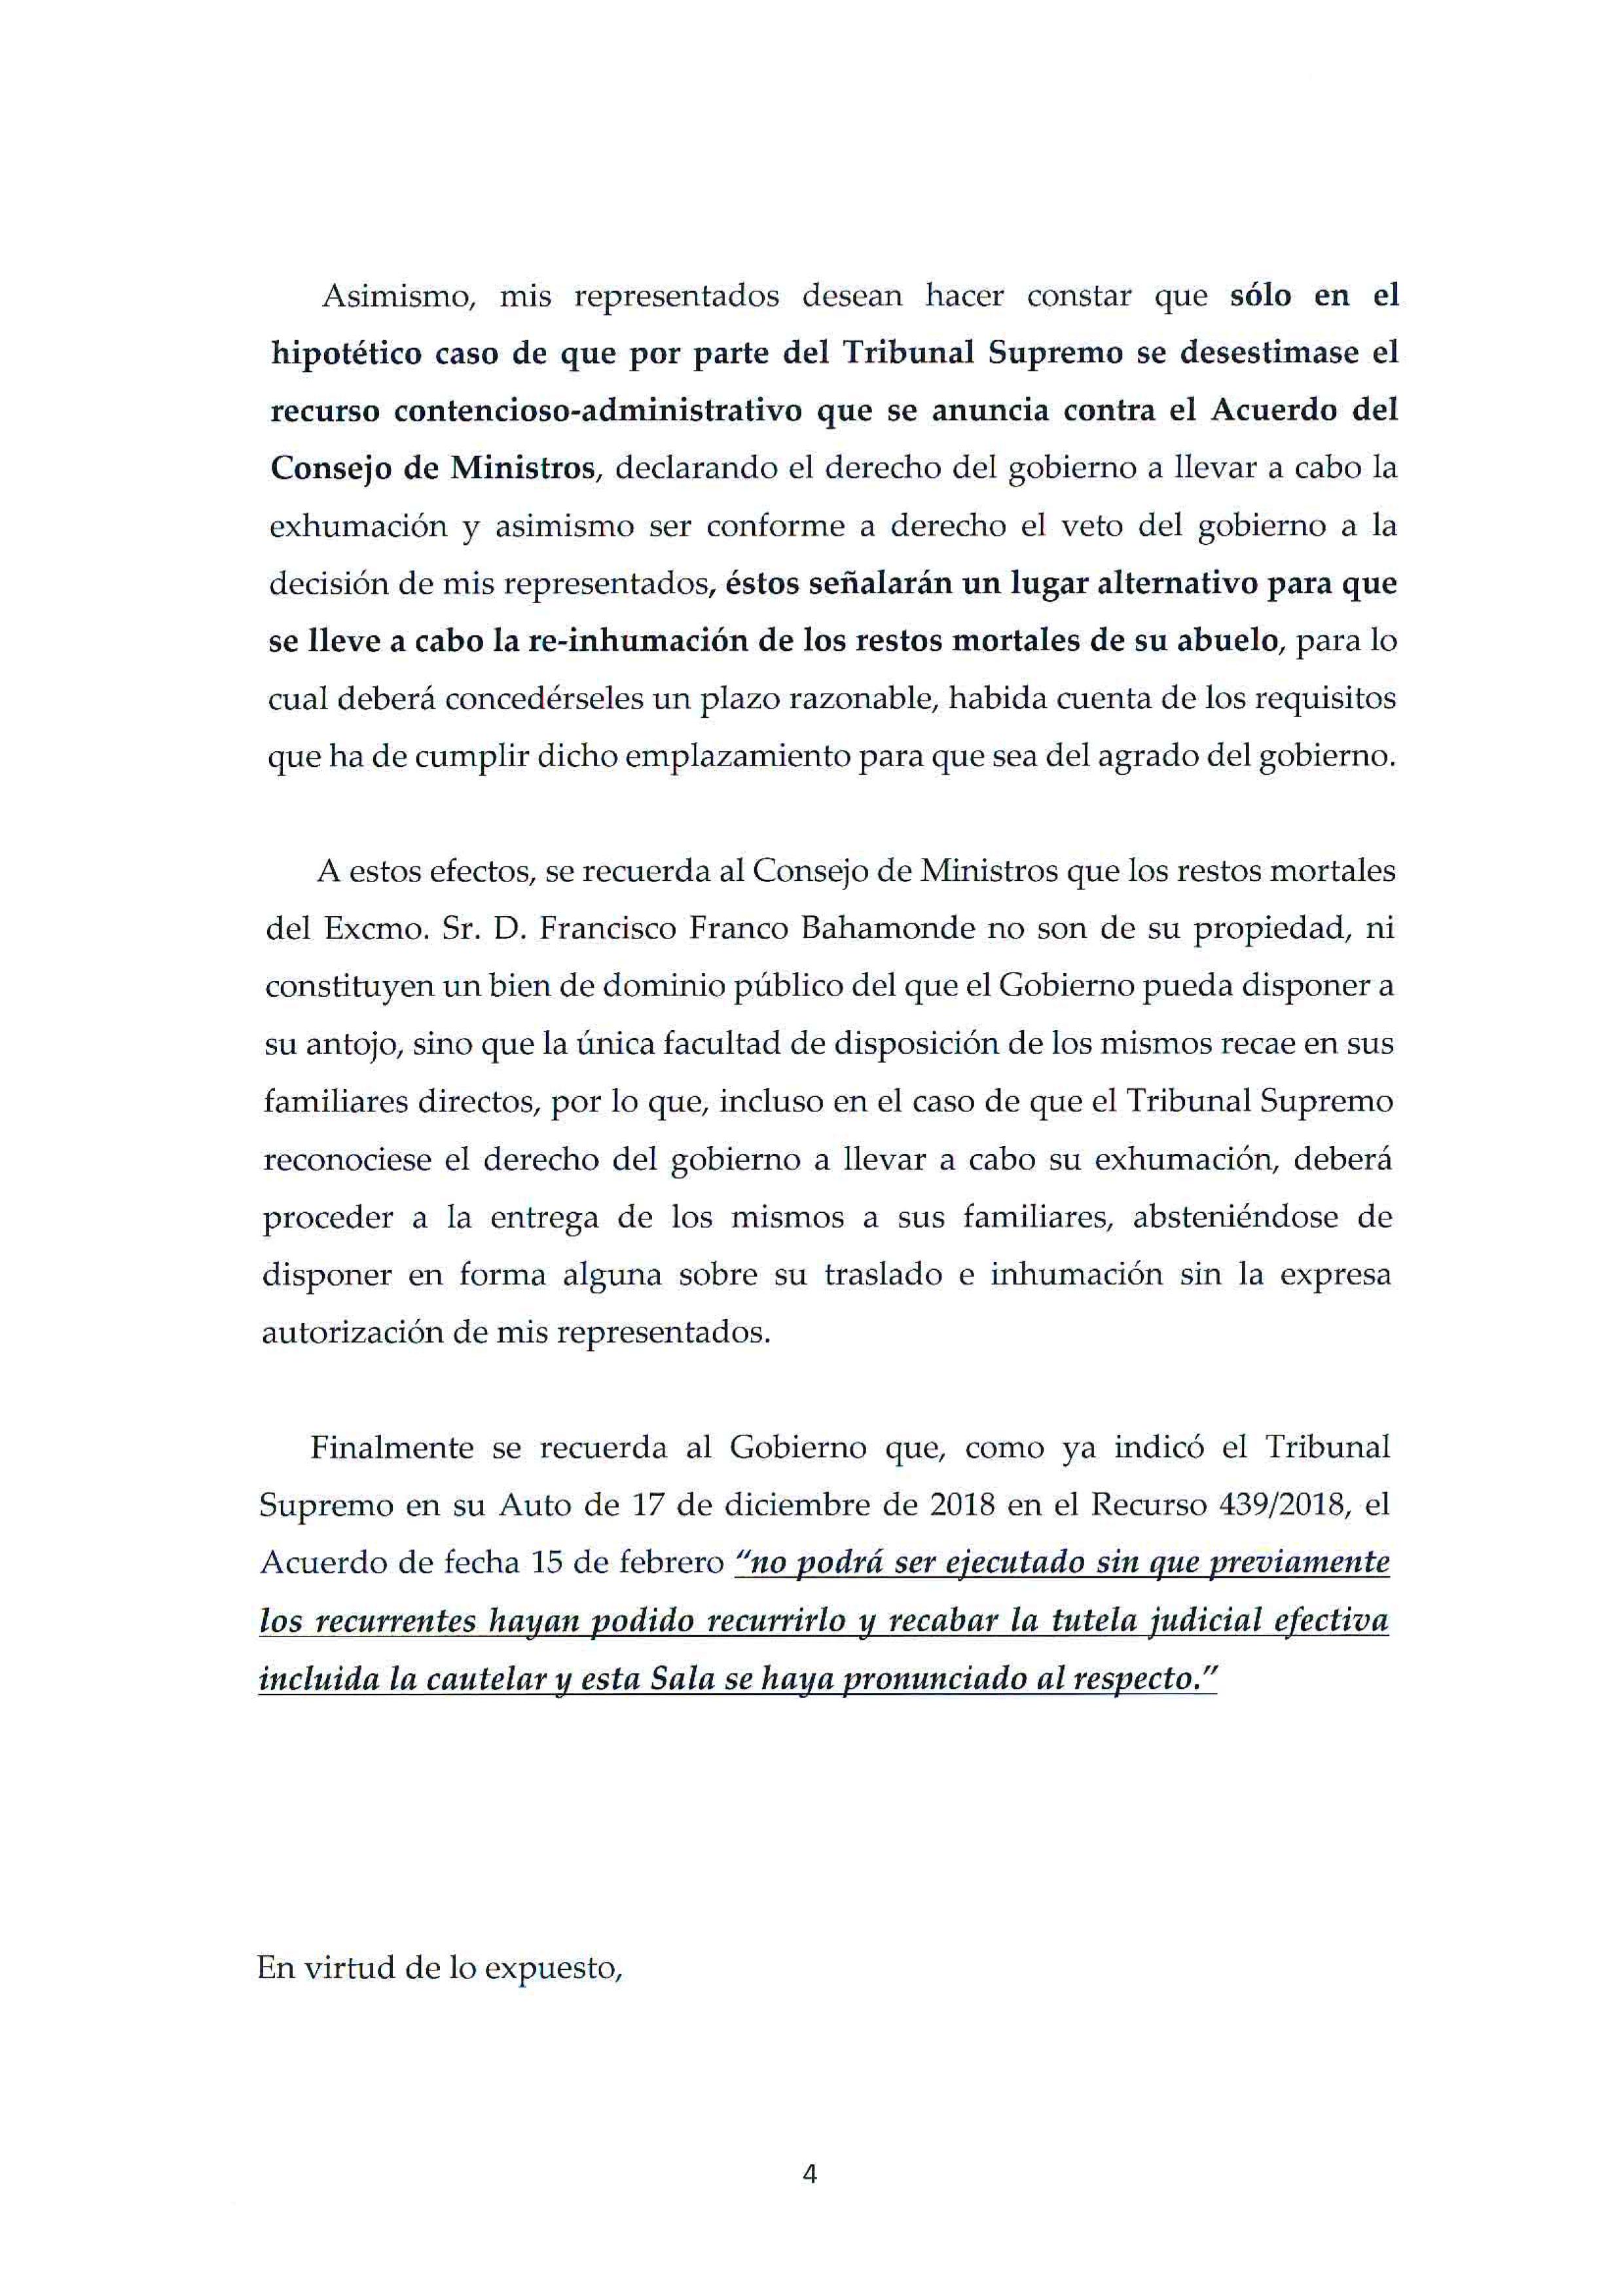 Escrito_al_Consejo_de_Ministros_anunciando_interposición_de_RCA_07.03_-_4